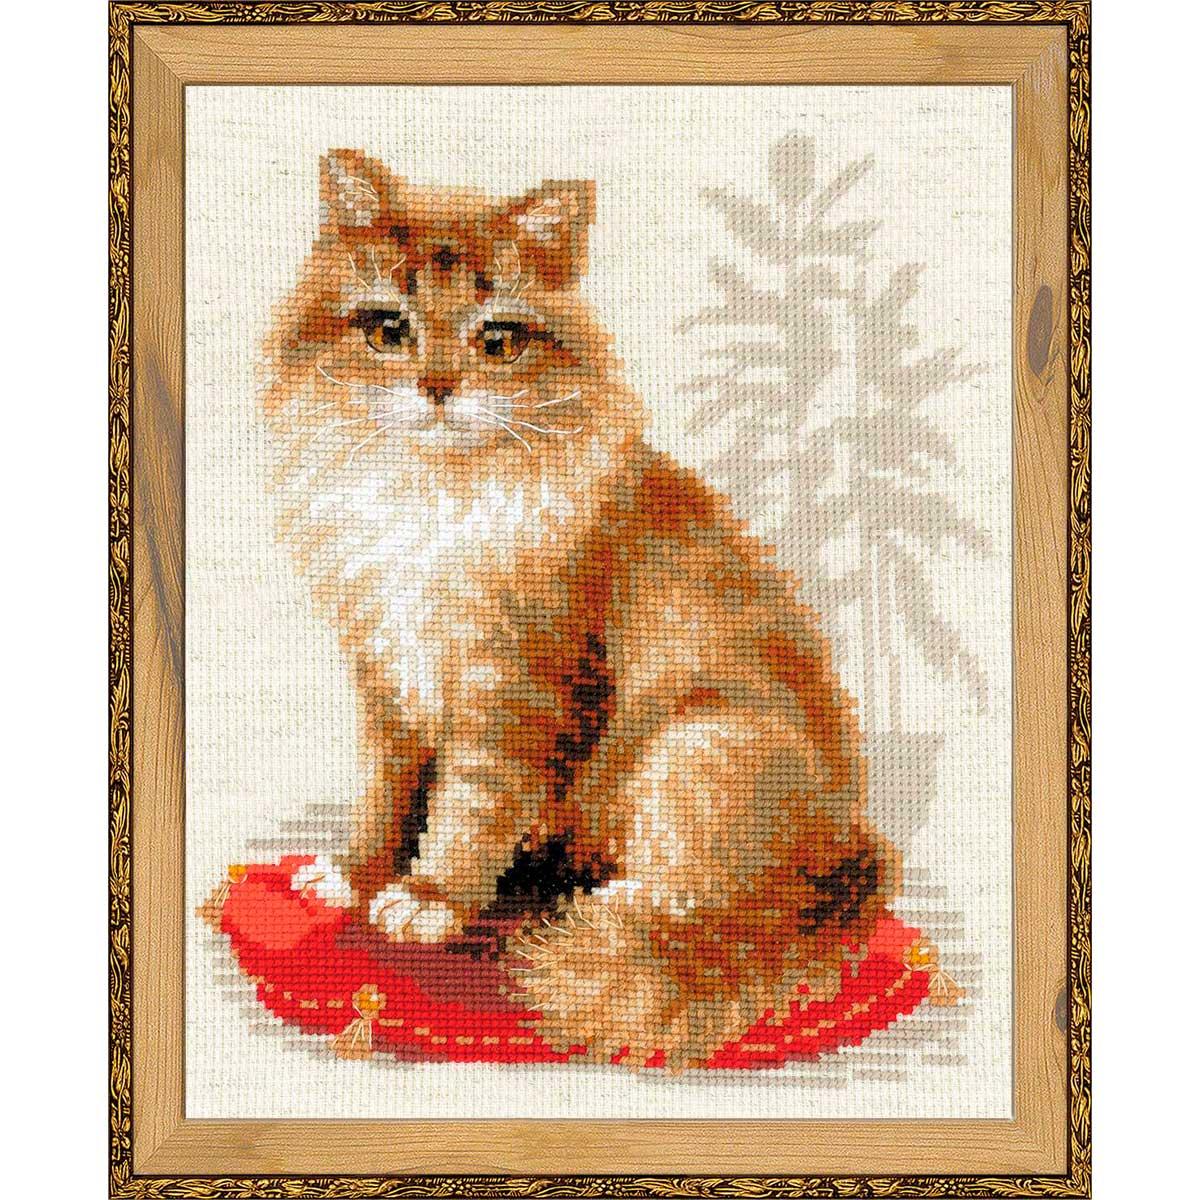 1525 Набор для вышивания Riolis 'Кошка домашняя', 24*30 см